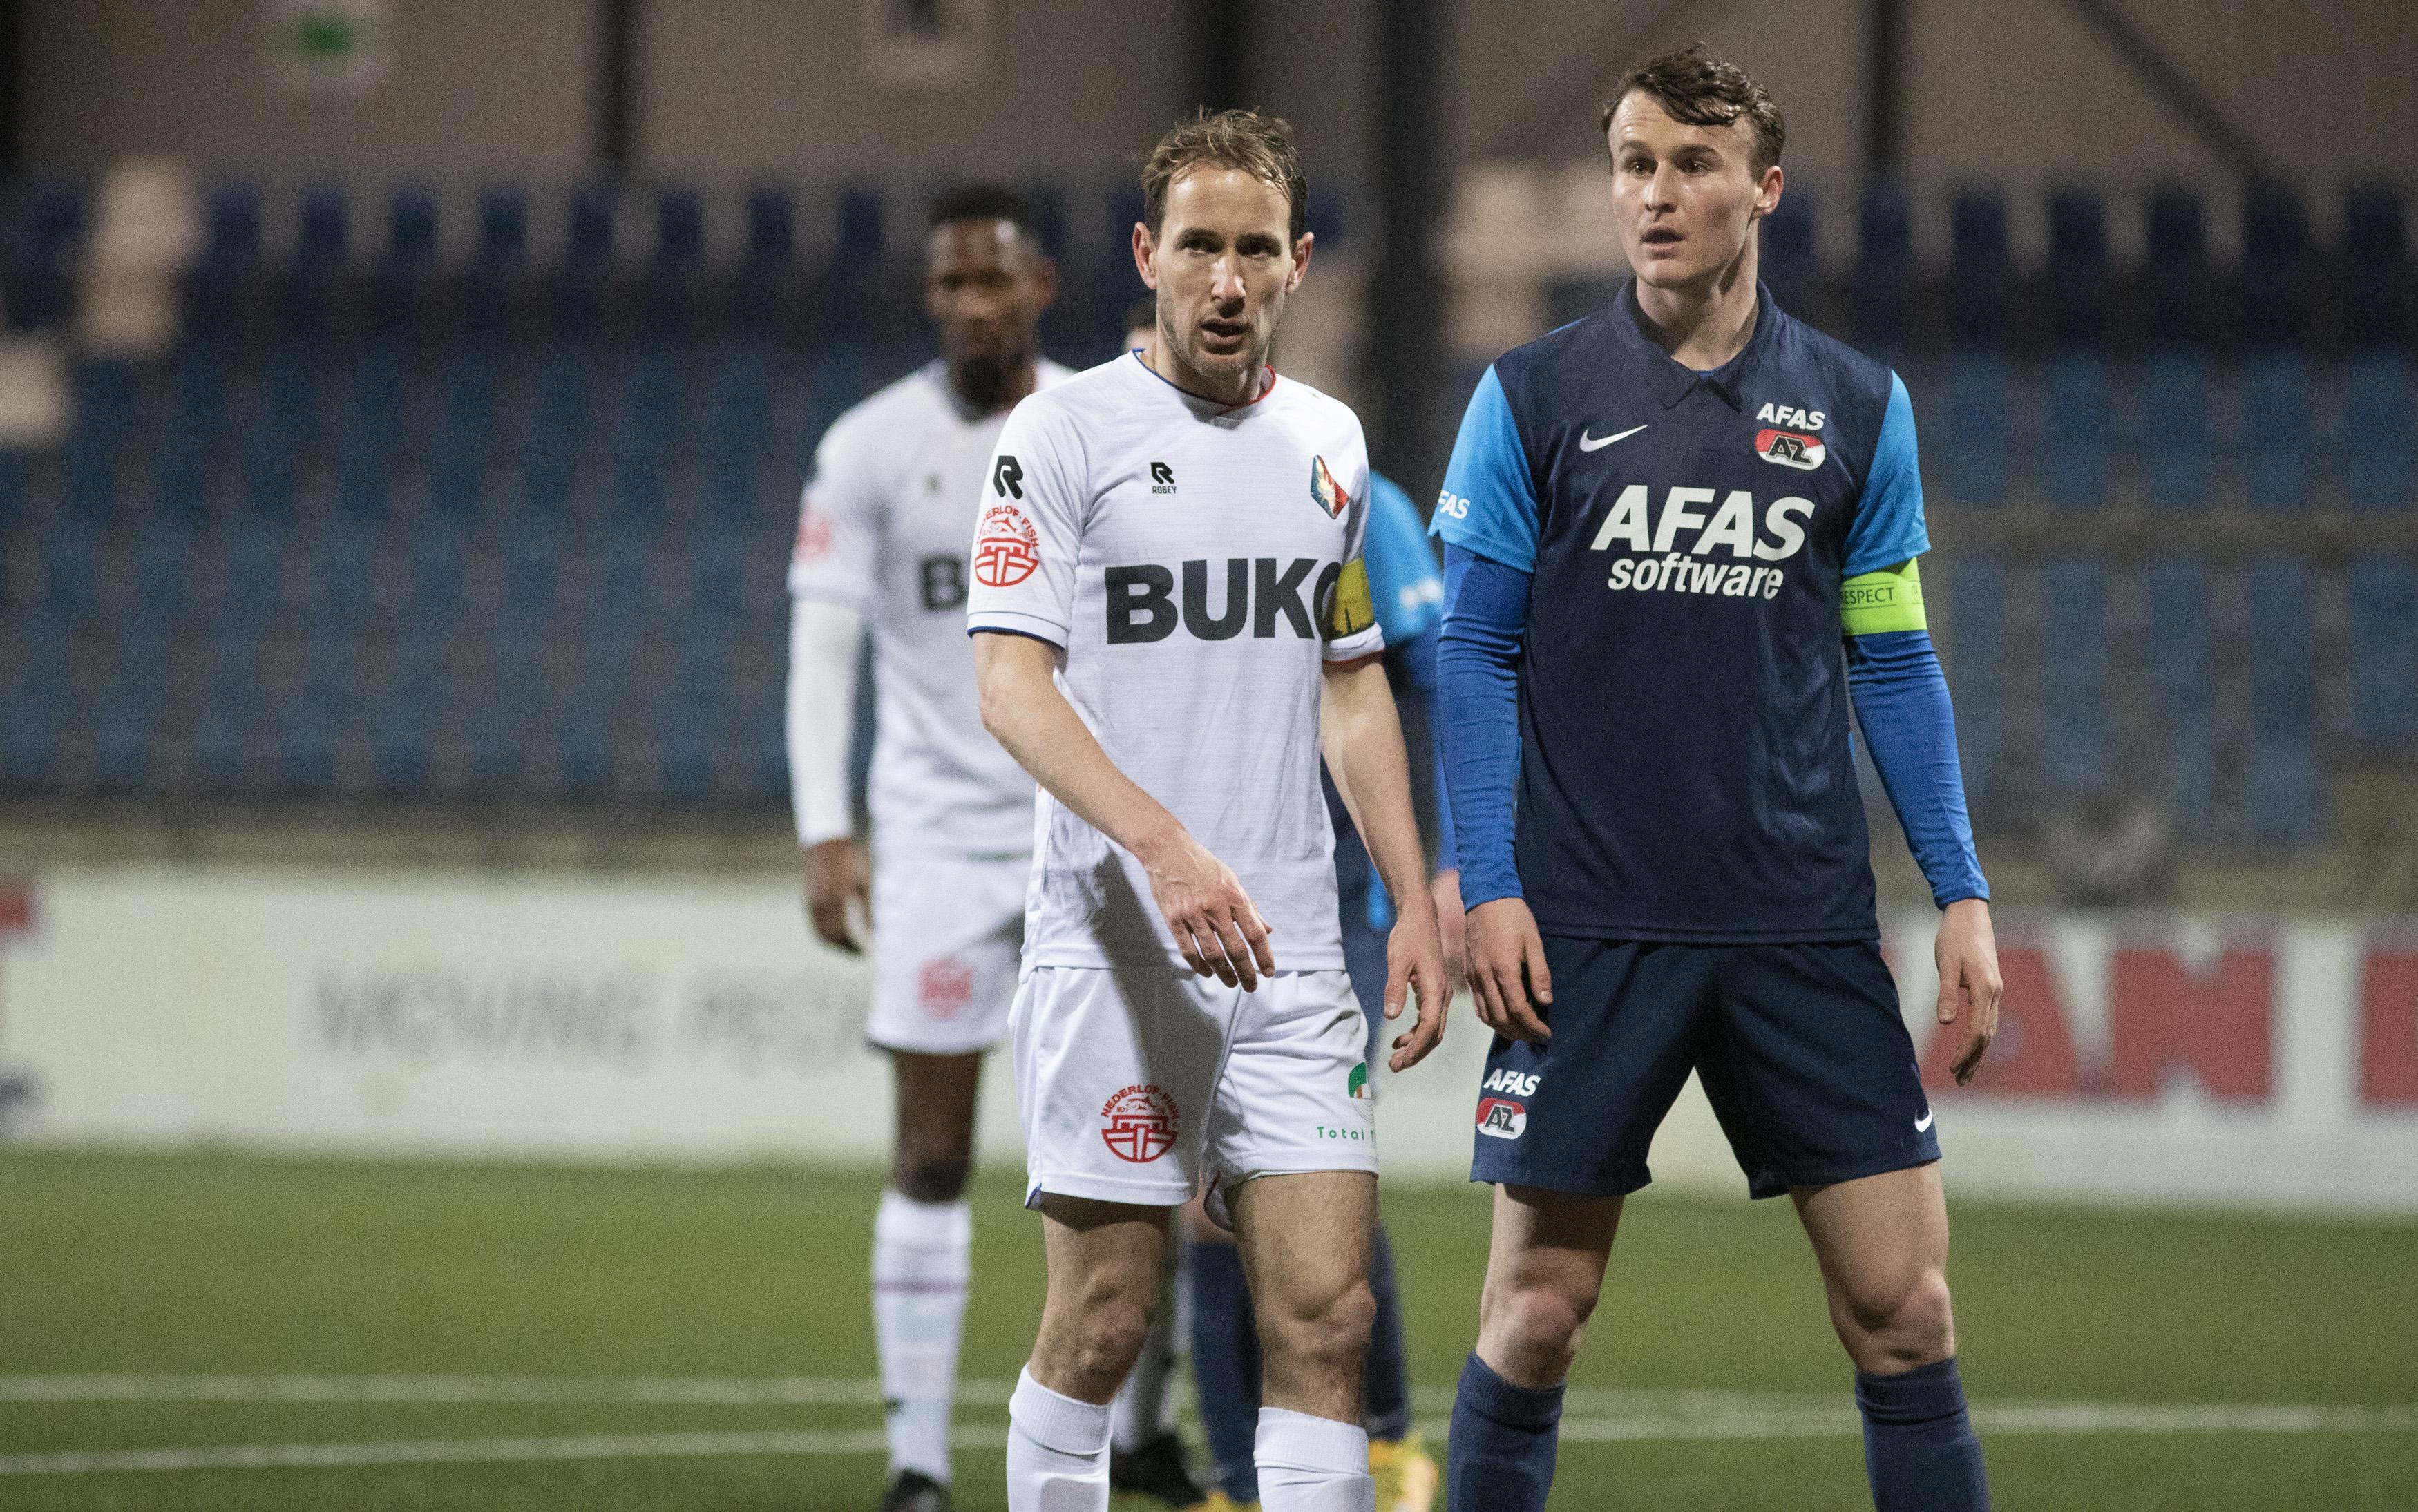 Mister Telstar Frank Korpershoek stopt na dit seizoen met voetballen: 'Het is mooi geweest'